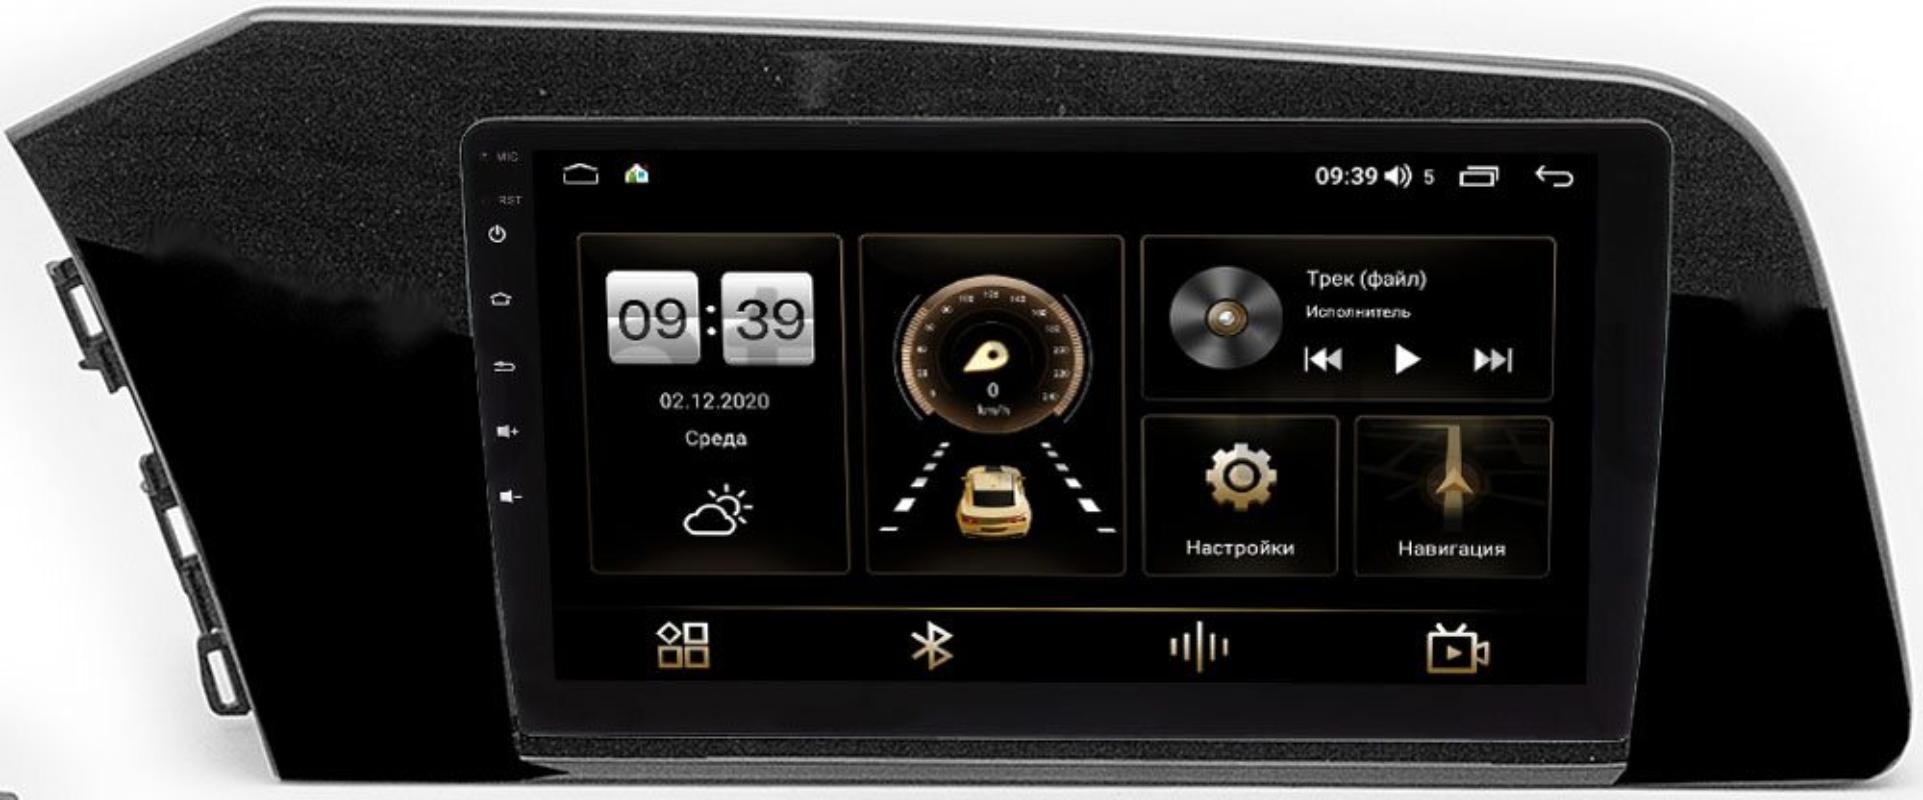 Штатная магнитола Hyundai Elantra VII (CN7) 2020-2021 LeTrun 4166-9-1063 на Android 10 (4G-SIM, 3/32, DSP, QLed) (+ Камера заднего вида в подарок!)